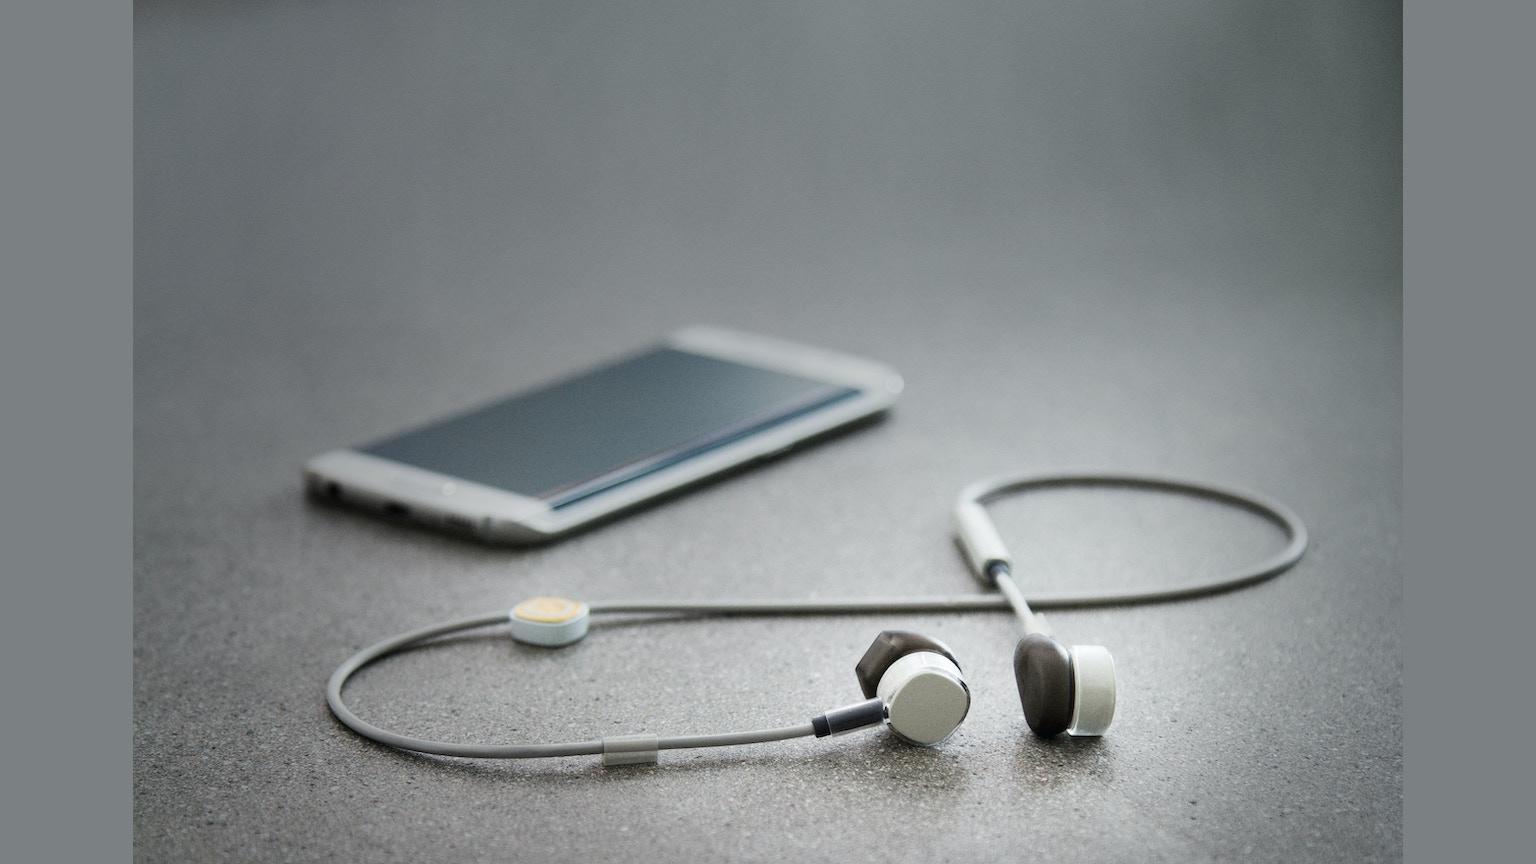 wireless-earphones-earpodes-bluetooth-small-gadget-techs-techsparadise